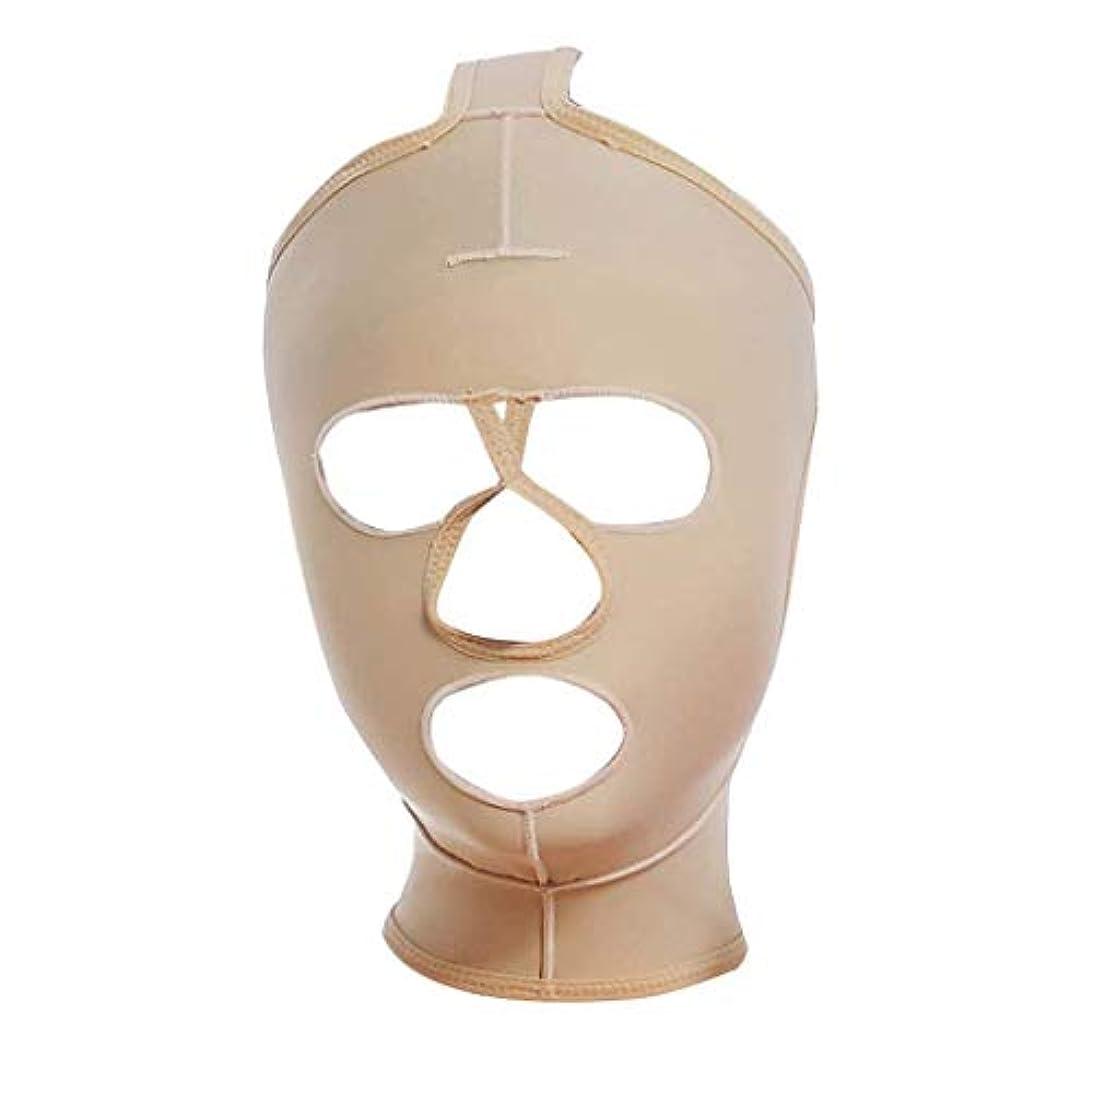 ばかげているスクワイア幅フェイスアンドネックリフト、減量フェイスマスク脂肪吸引術脂肪吸引術シェーピングマスクフードフェイスリフティングアーティファクトVフェイスビームフェイス弾性スリーブ(サイズ:Xl)